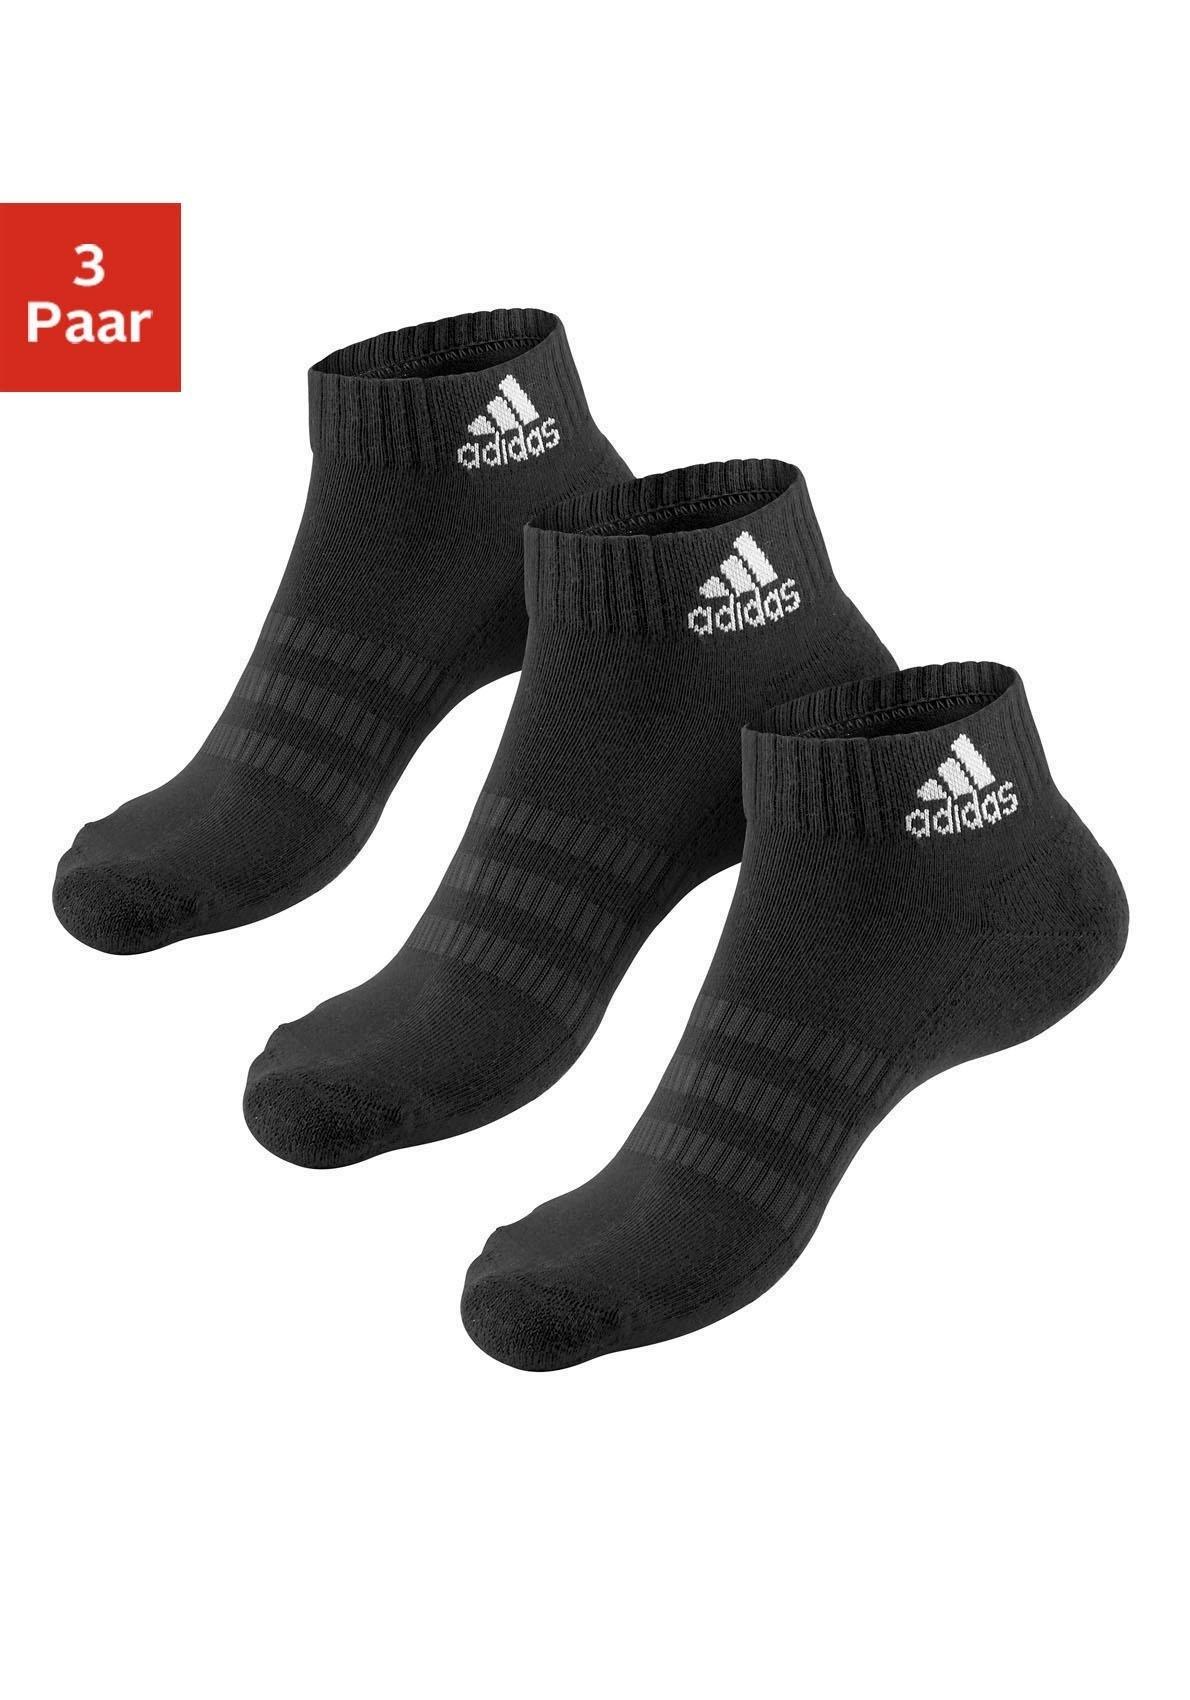 adidas Performance korte sokken met anatomische bekleding (3 paar) nu online bestellen